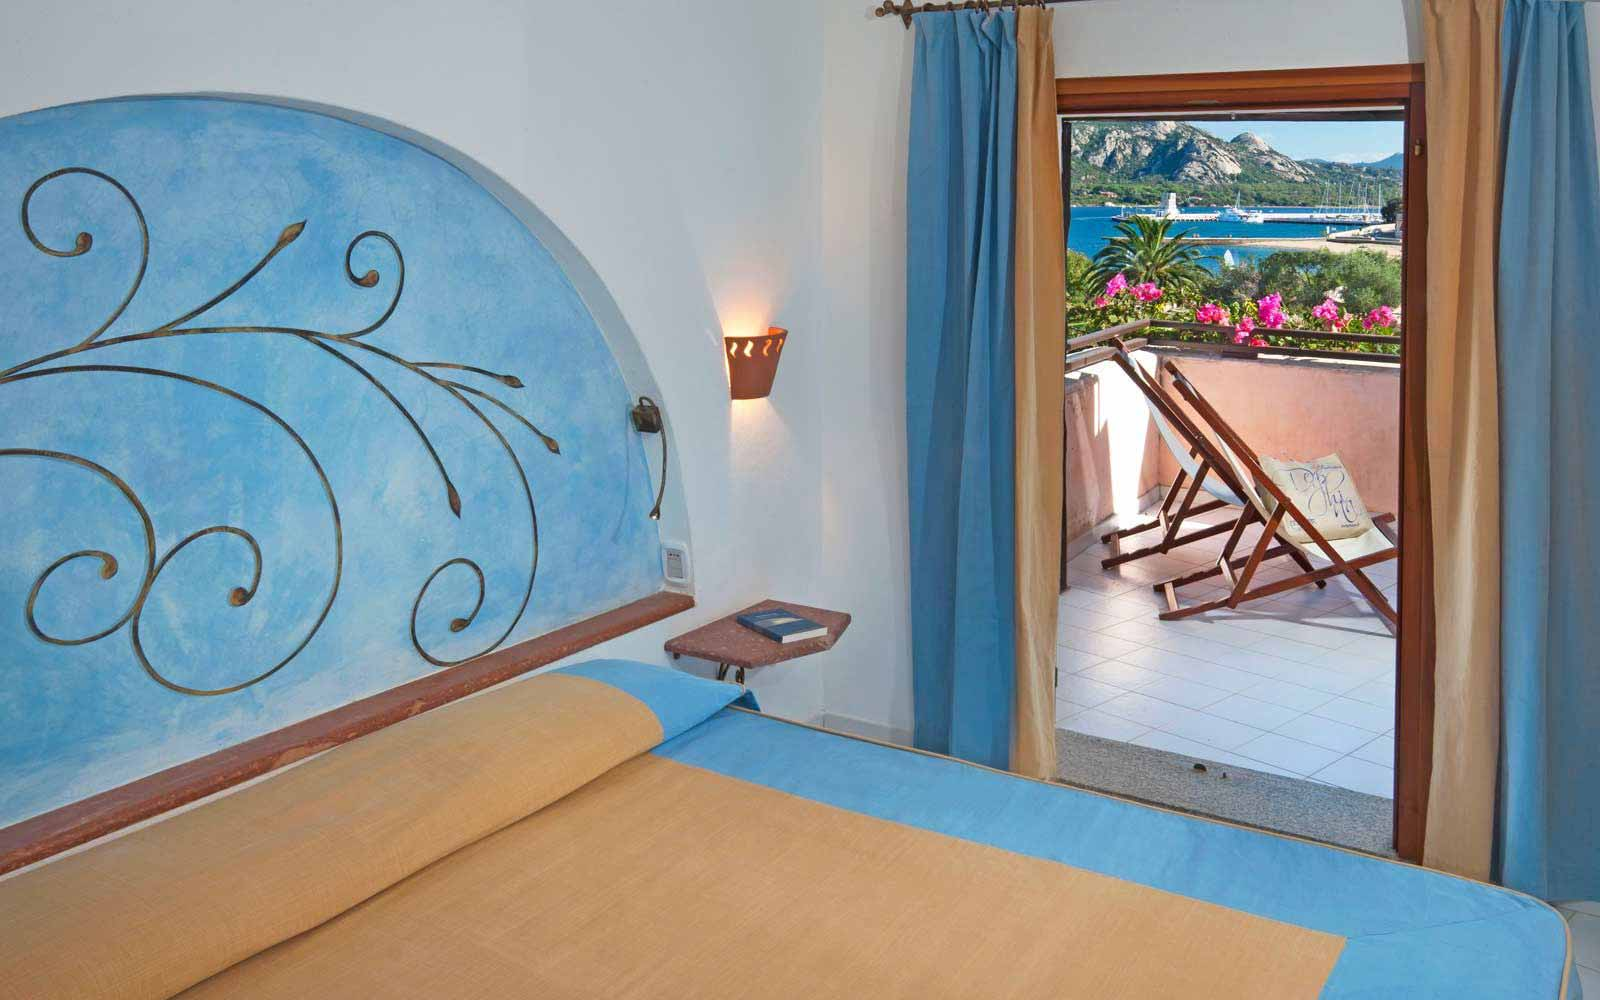 Suite bedroom Il Borgo at Resort Cala di Falco